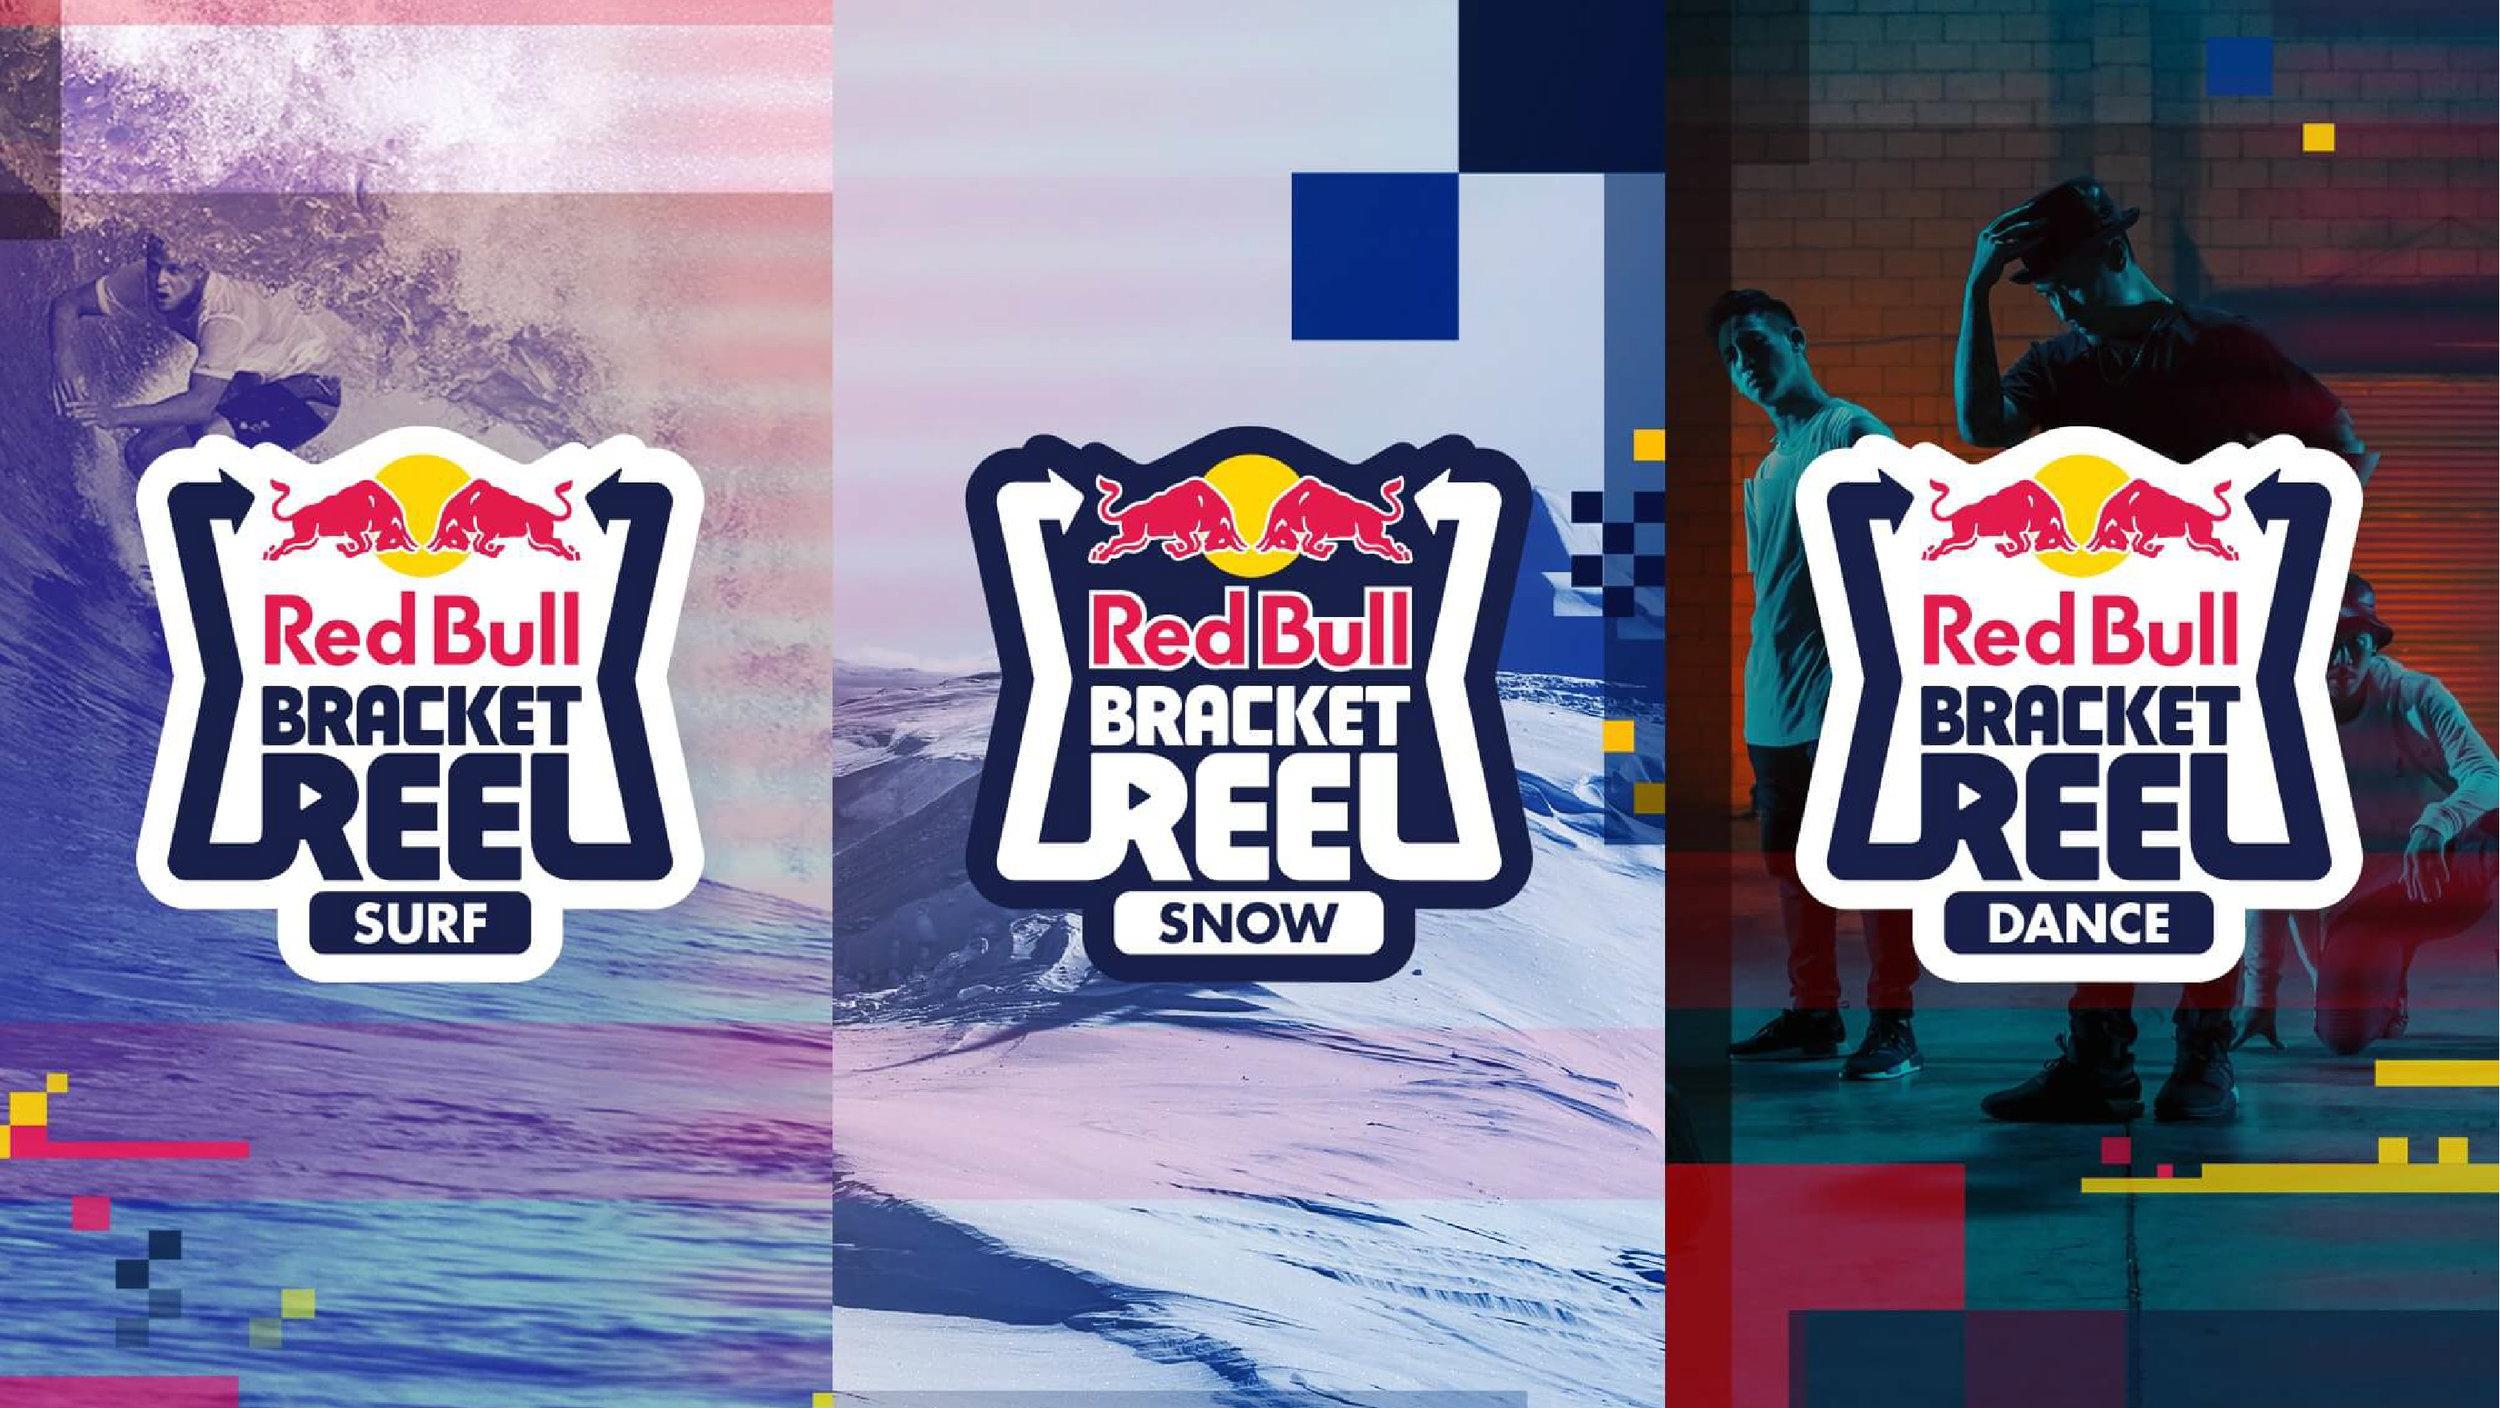 Osborn-Red Bull Bracket Reel_CaseImages-01.jpg